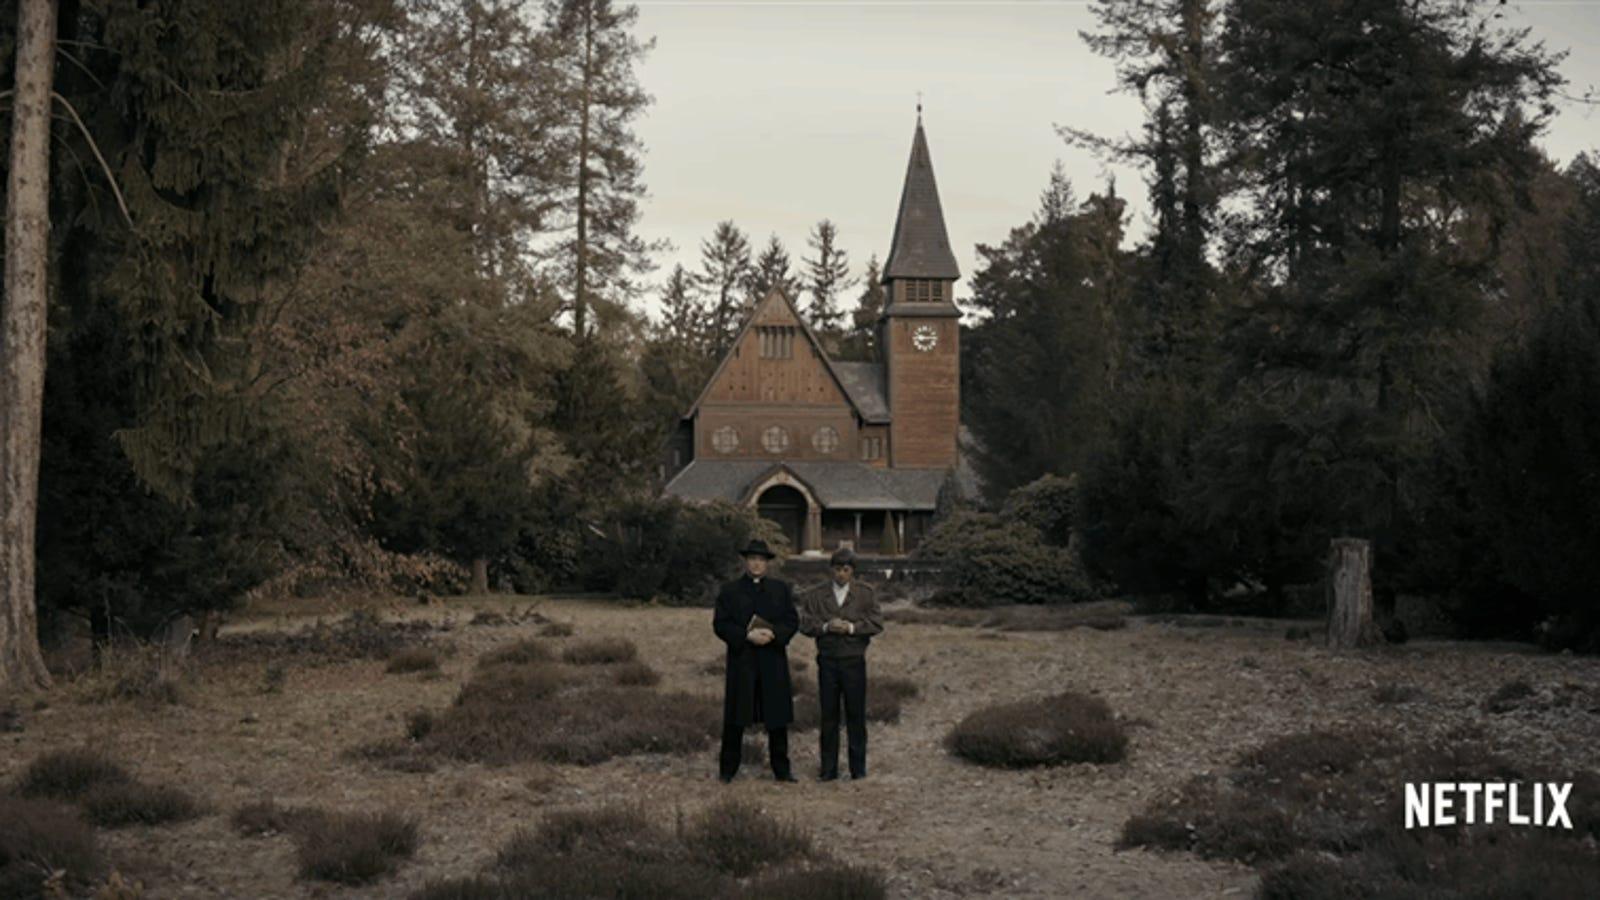 Tráiler de Dark, la nueva serie de Netflix que es como Stranger Things pero más macabra y en alemán